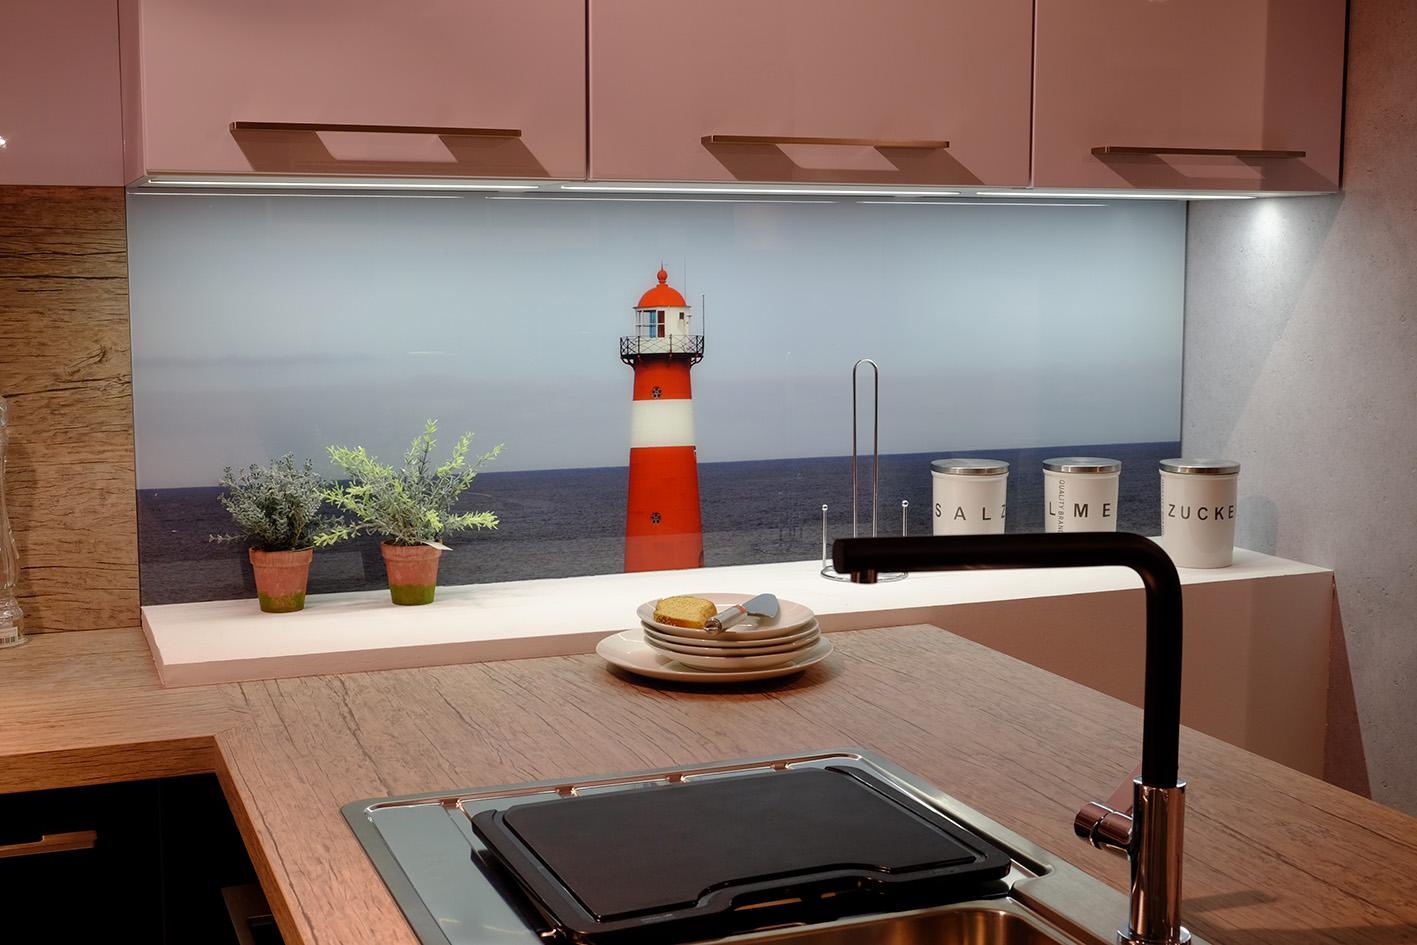 culineo c414 kuche kaufen wohnwelt rheinfelden 3. Black Bedroom Furniture Sets. Home Design Ideas